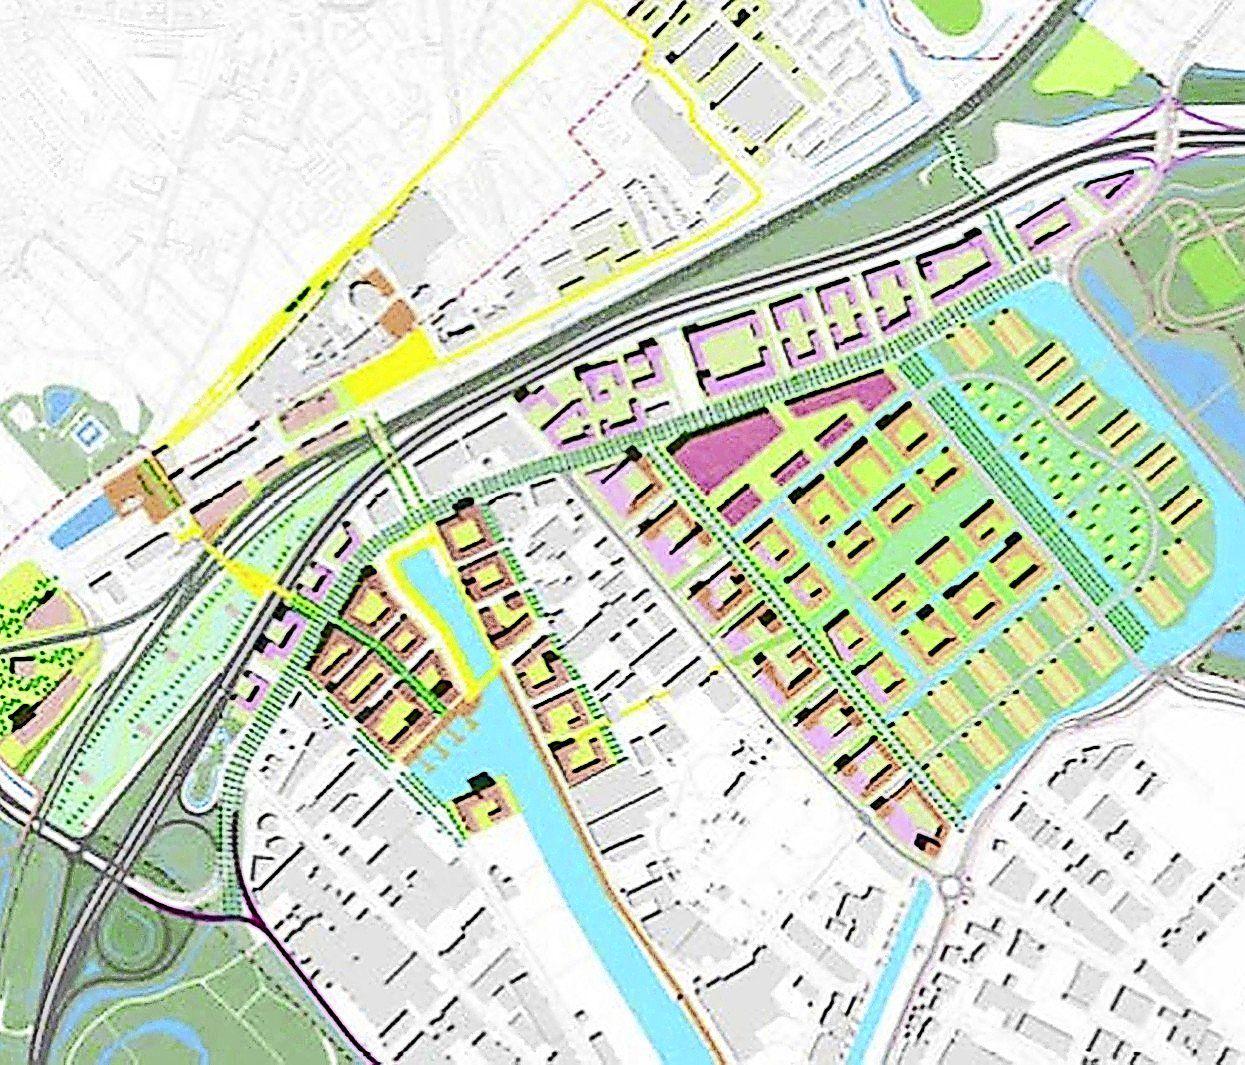 Beverwijk groeit door naar 60.000 inwoners. Gemeenteraad omarmt verkenning Spoorzone, gemeente kan nu aan de slag met het uitwerken van de plannen